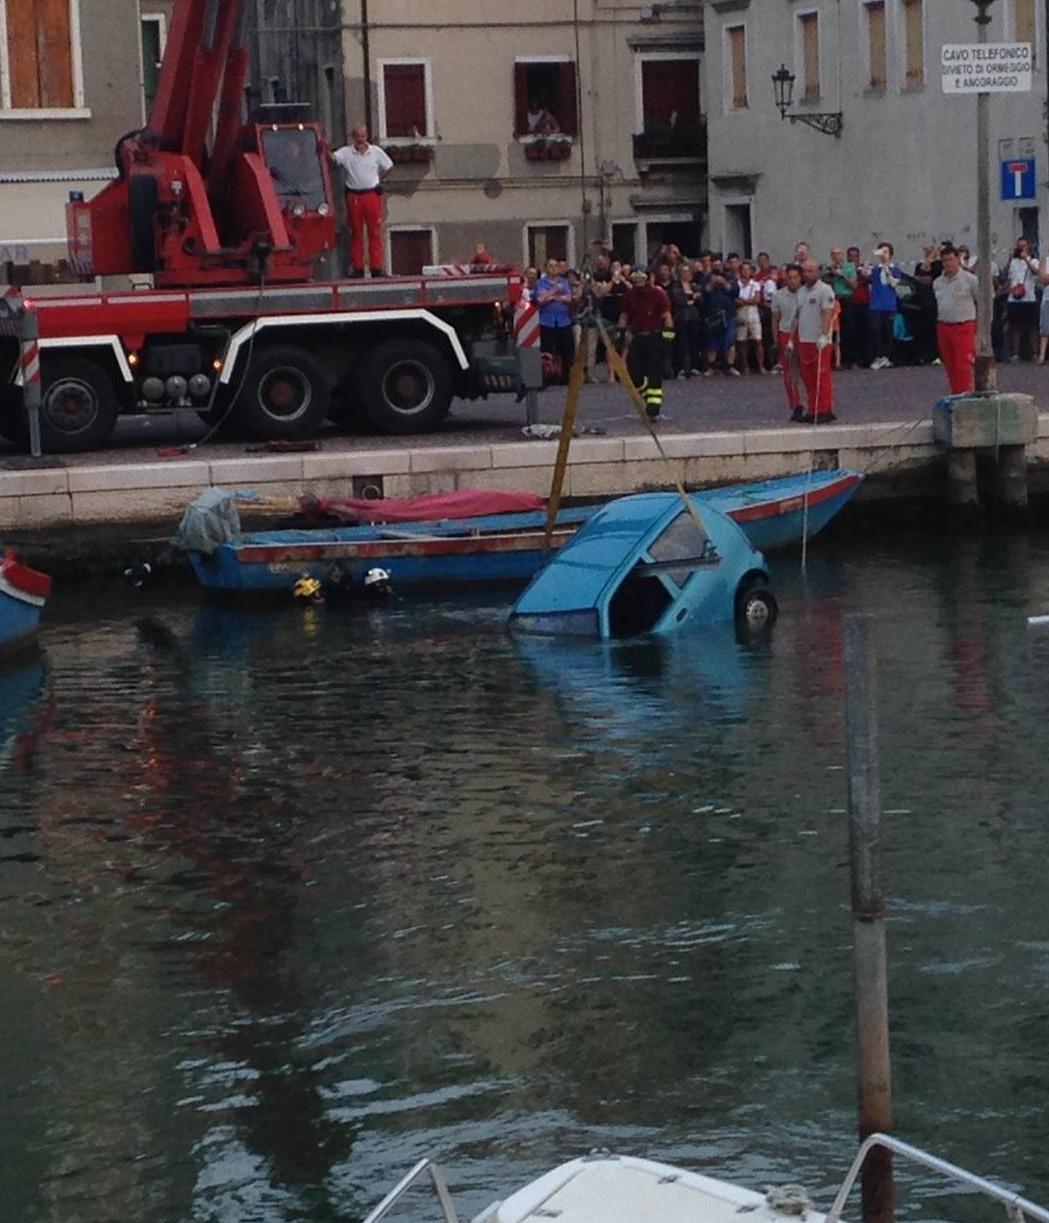 macchina in acqua3